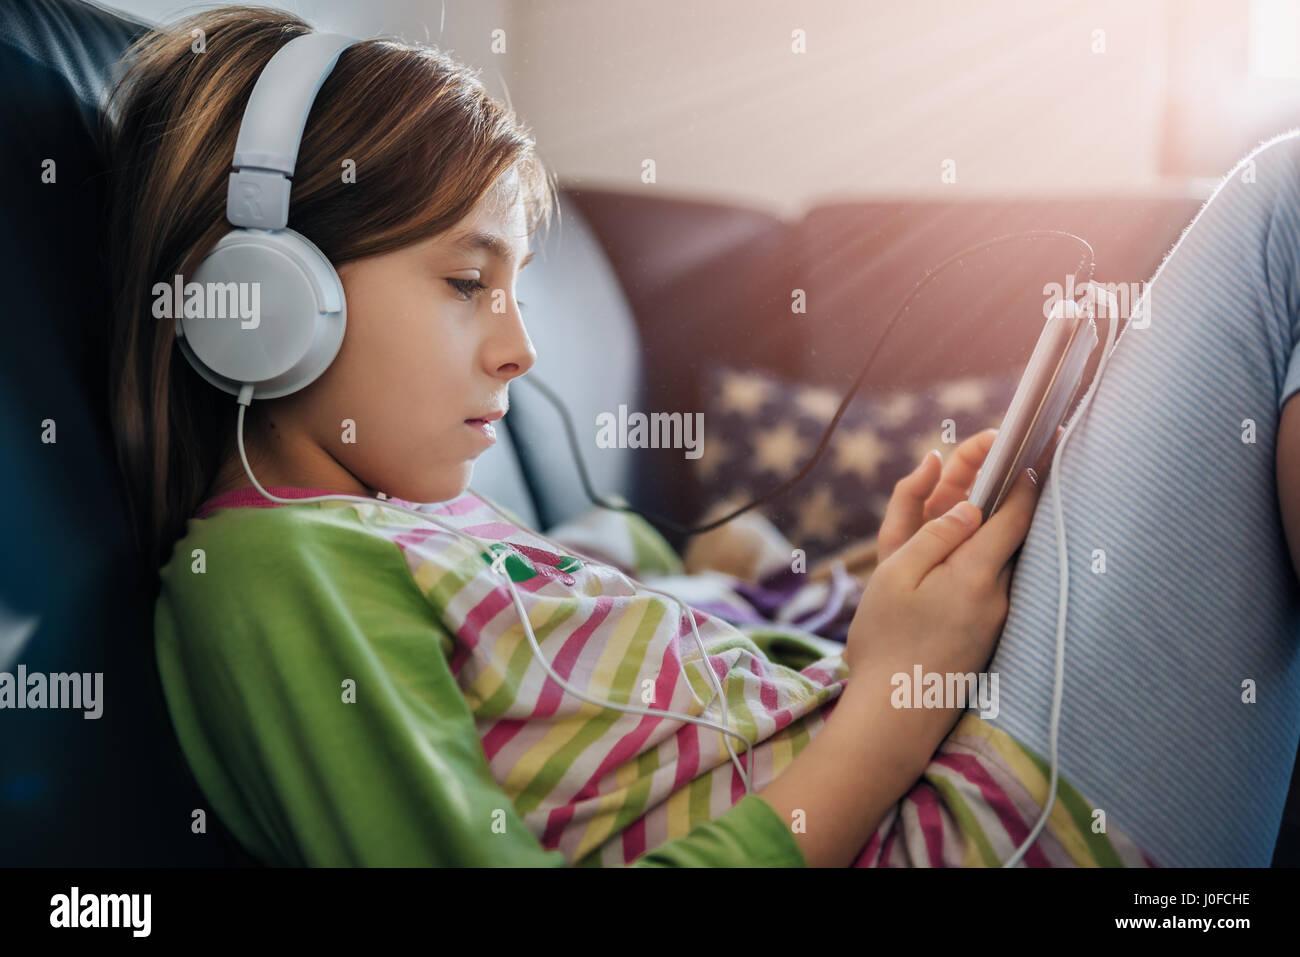 Ragazza seduta sul divano nero utilizzando tablet e ascolto di musica Immagini Stock